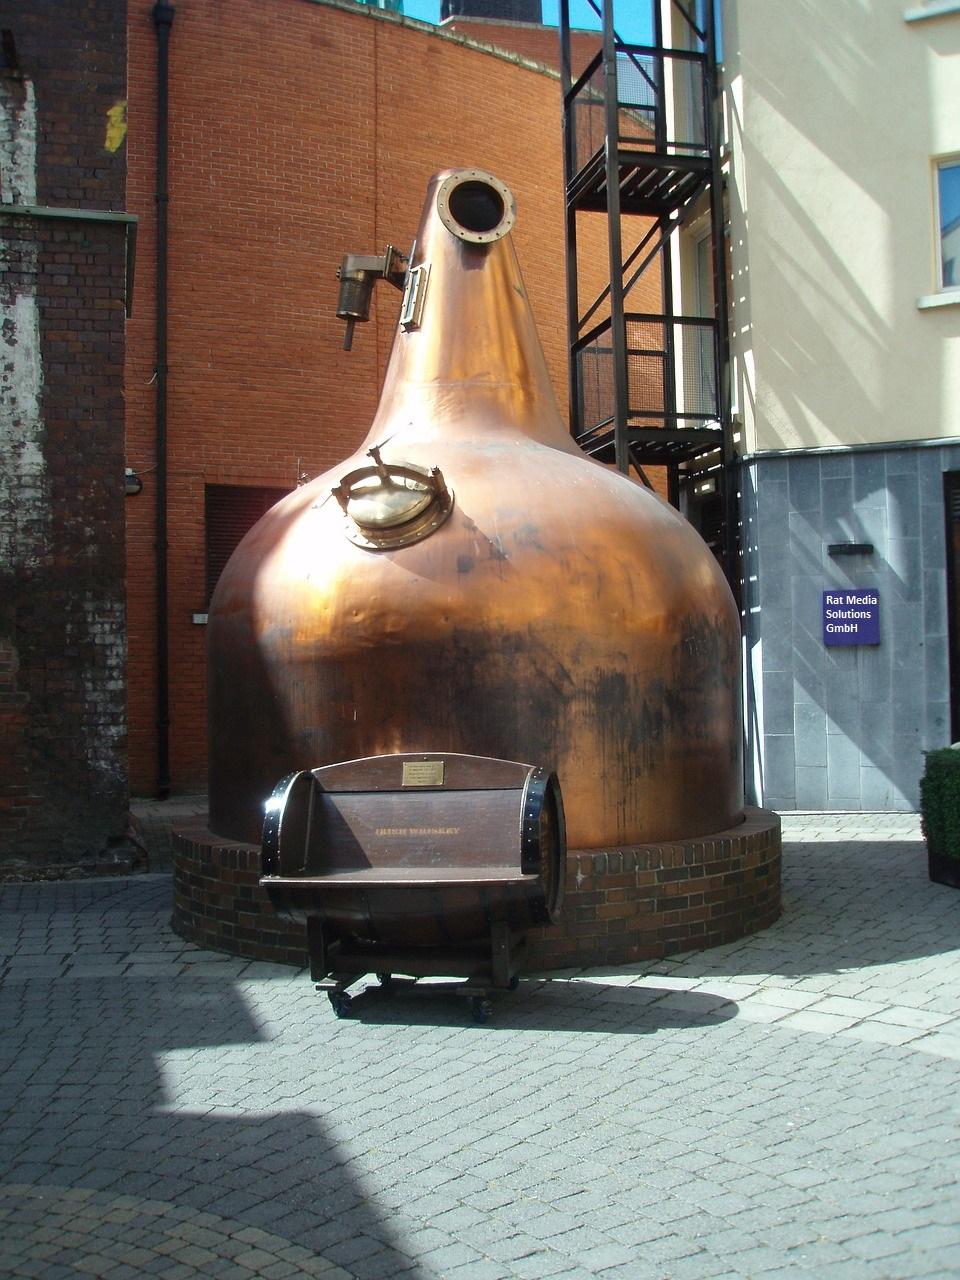 187_perpetuum mobile_distill-1710668_1280